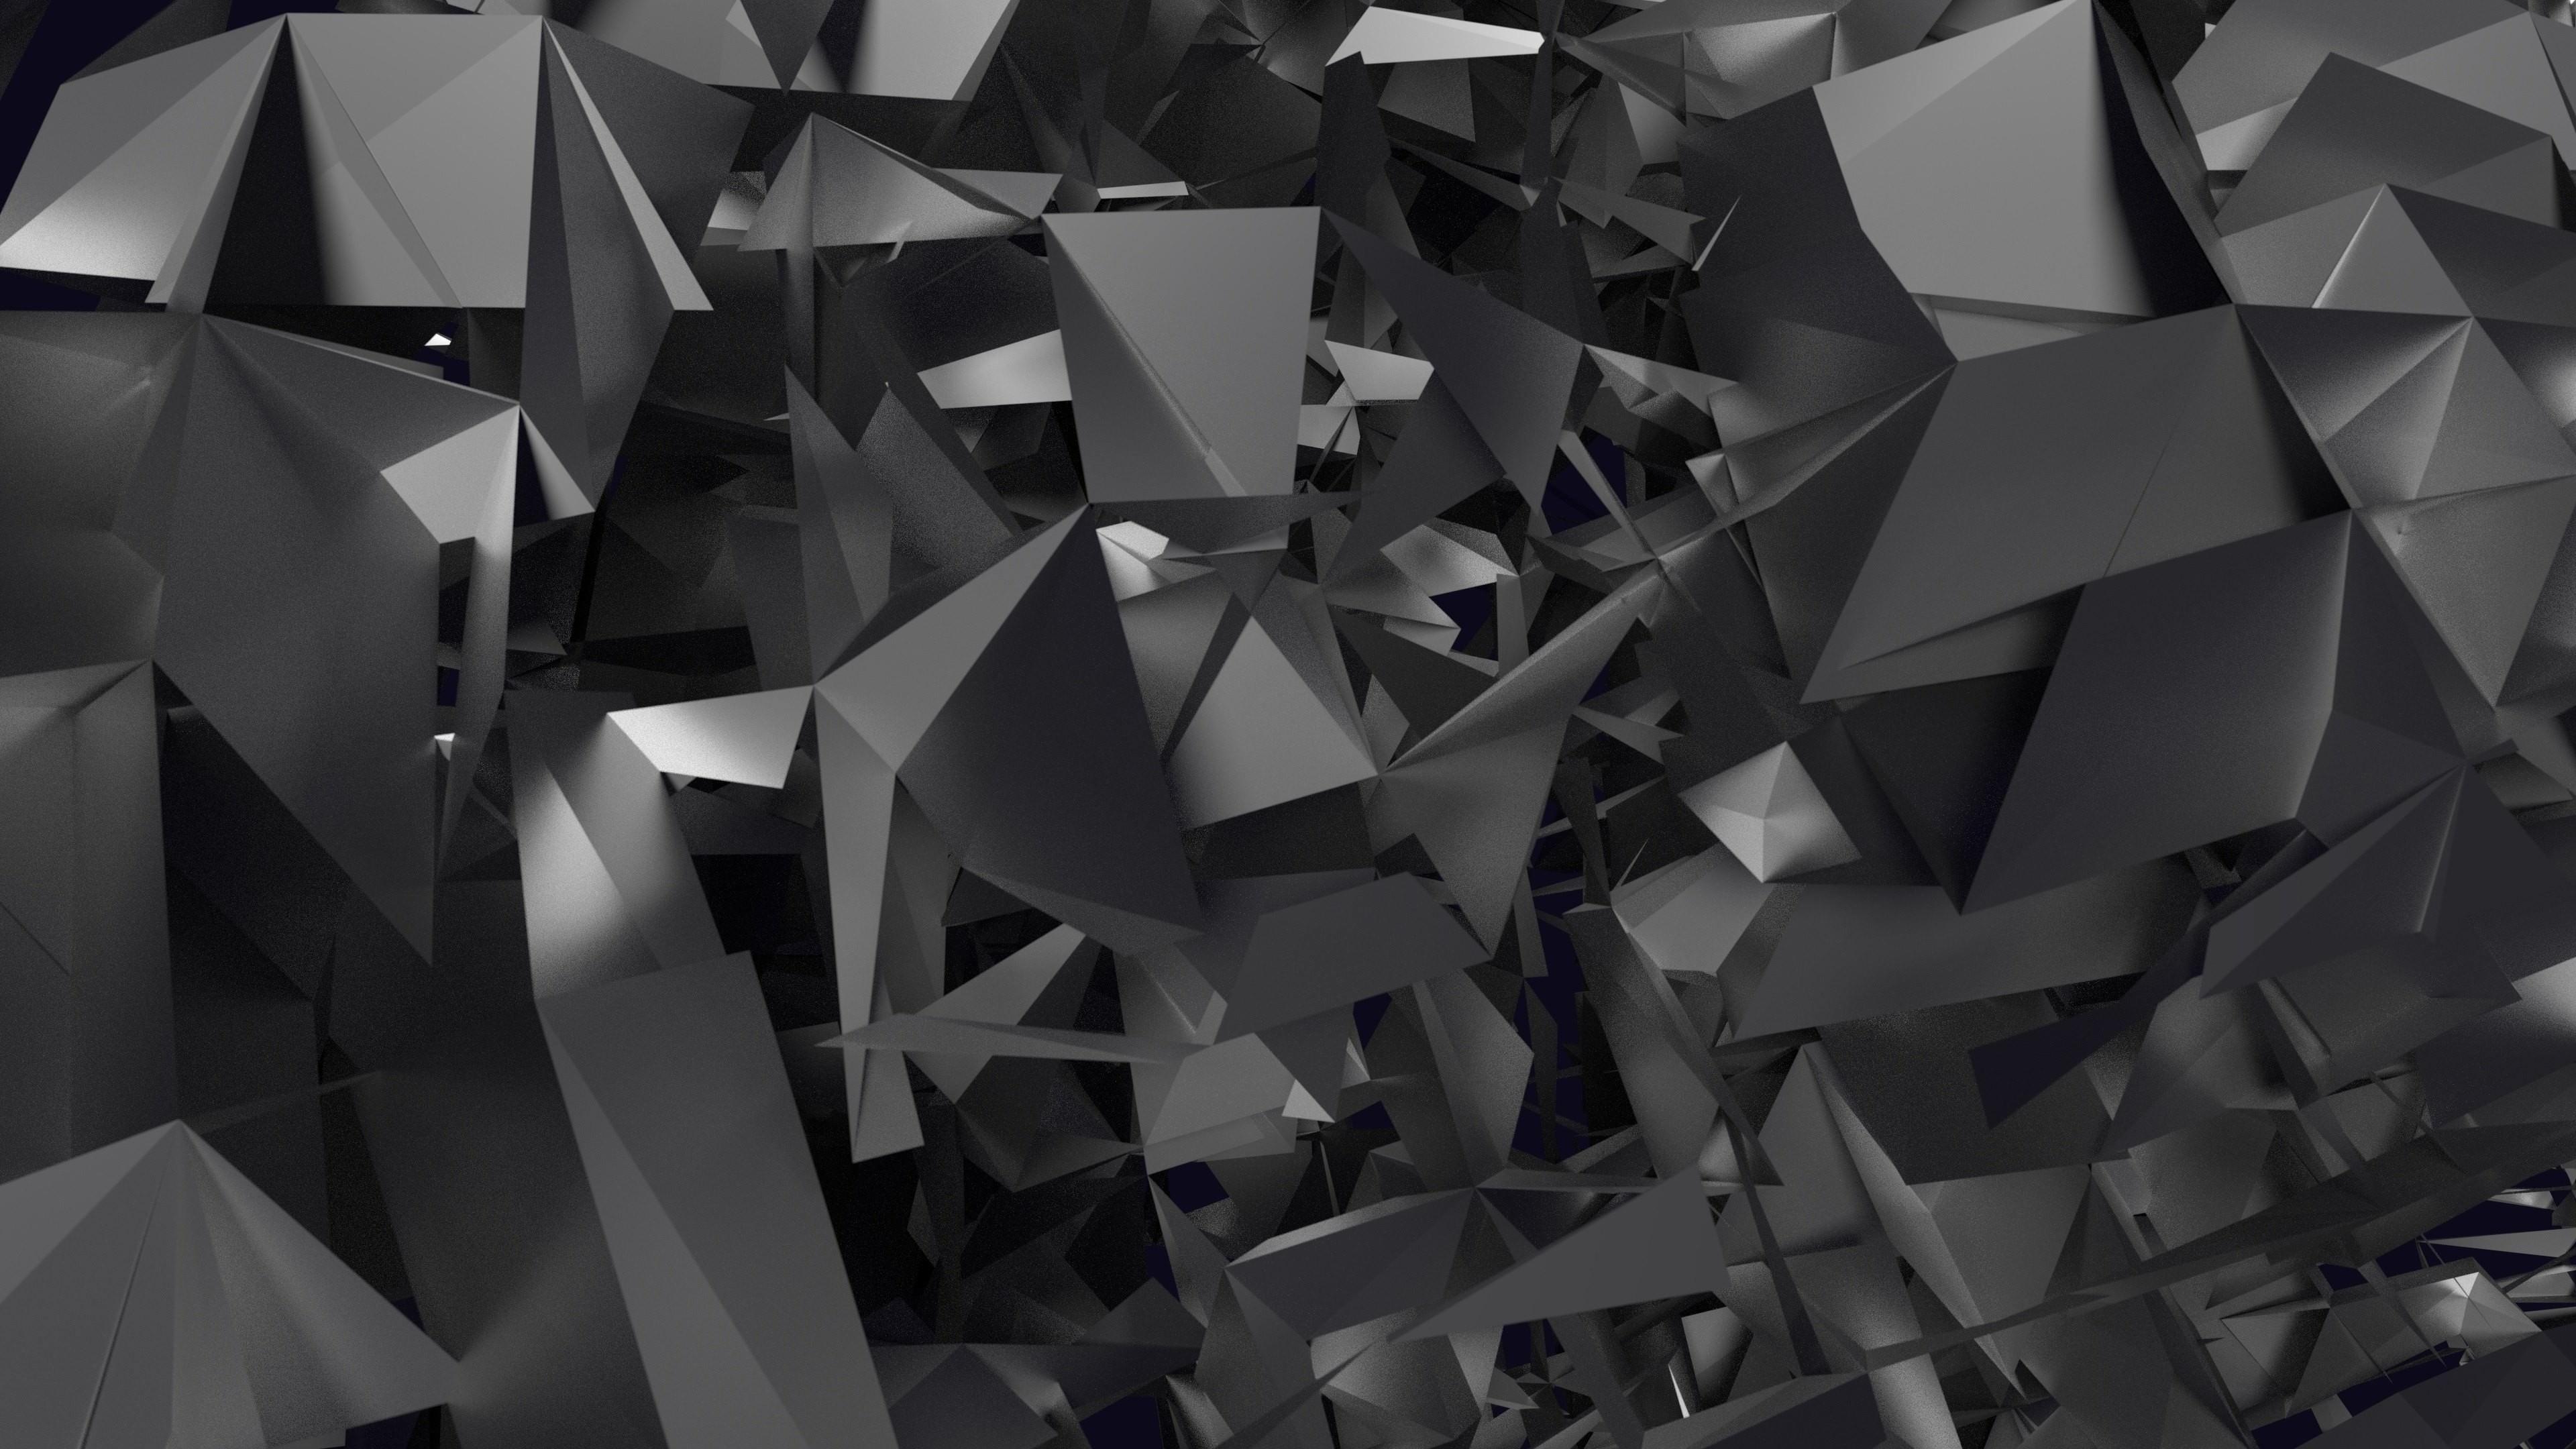 3D Geometry Wallpaper HD – 3d, 3D Geometry, 3D Geometry Wallpaper, 3D  Geometry